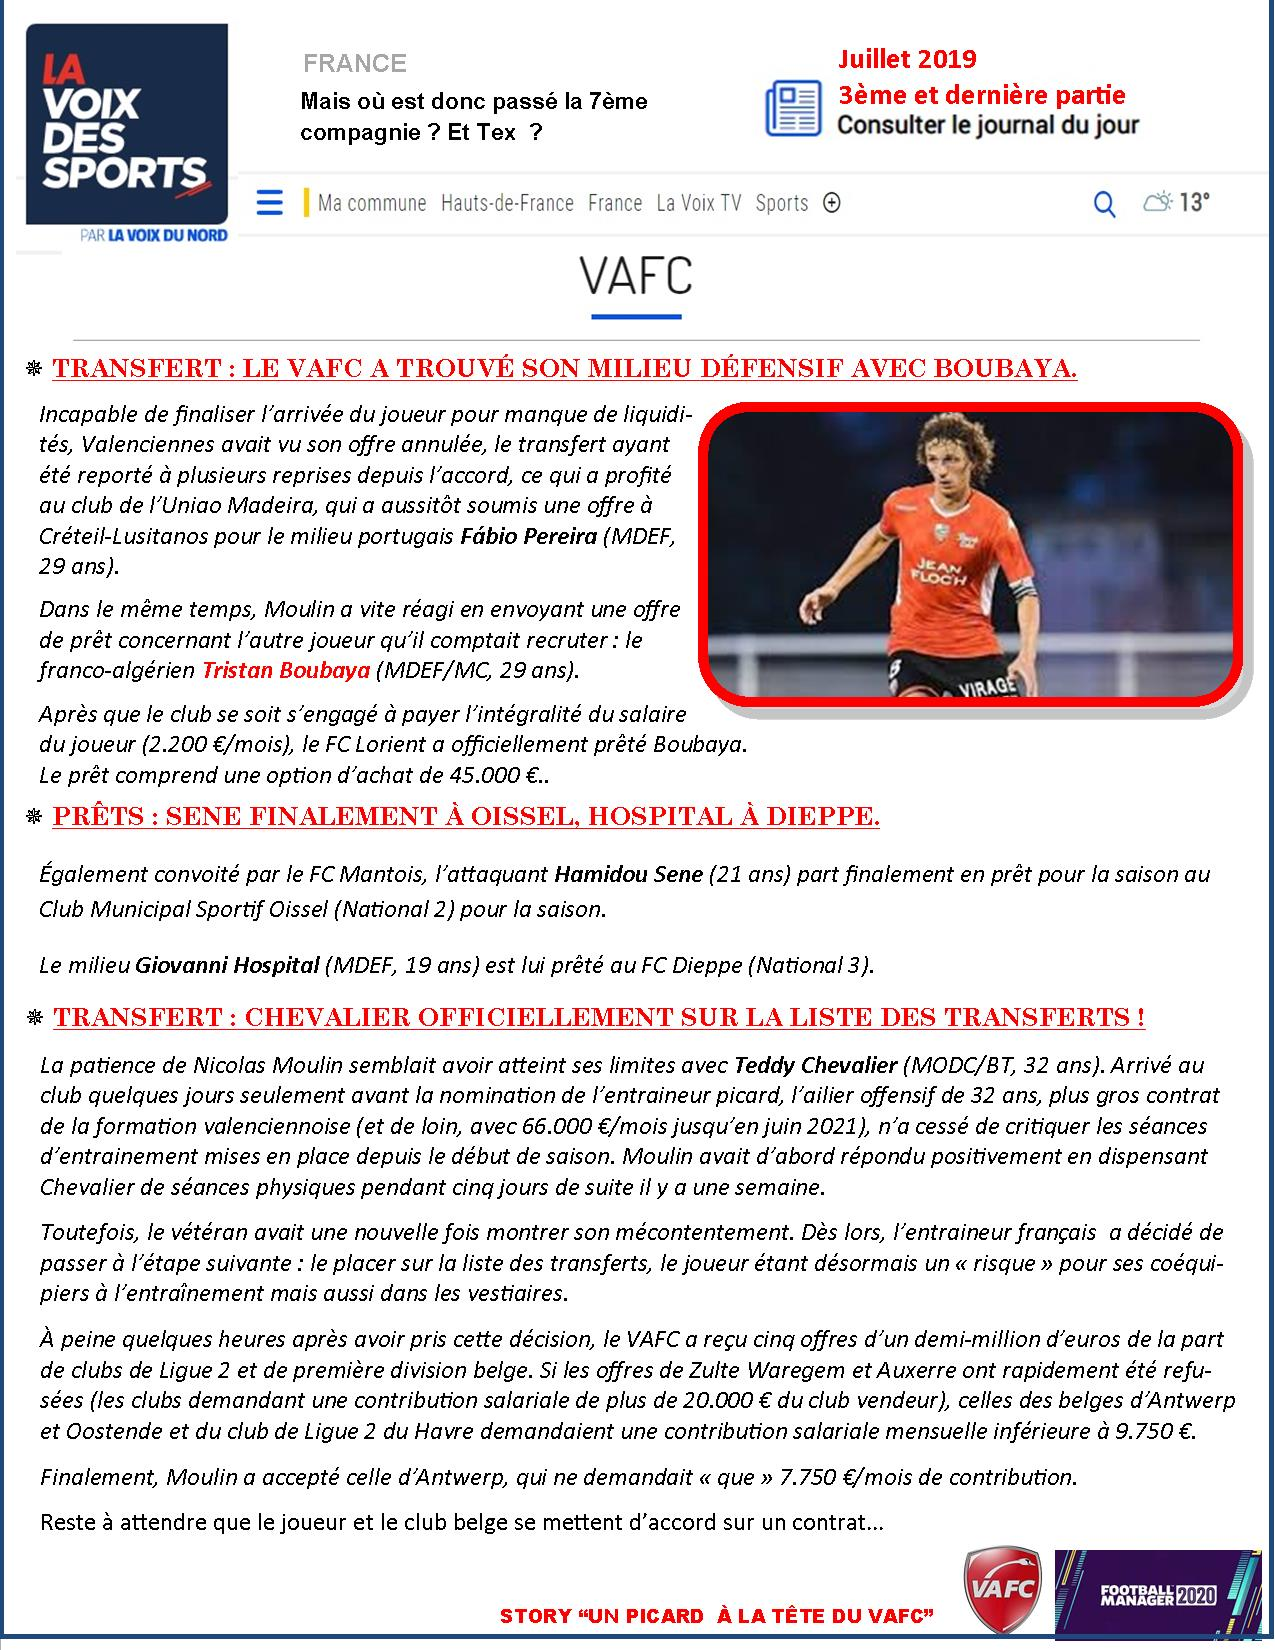 VAFC - 02 - Juillet 2019 - 3eme partie